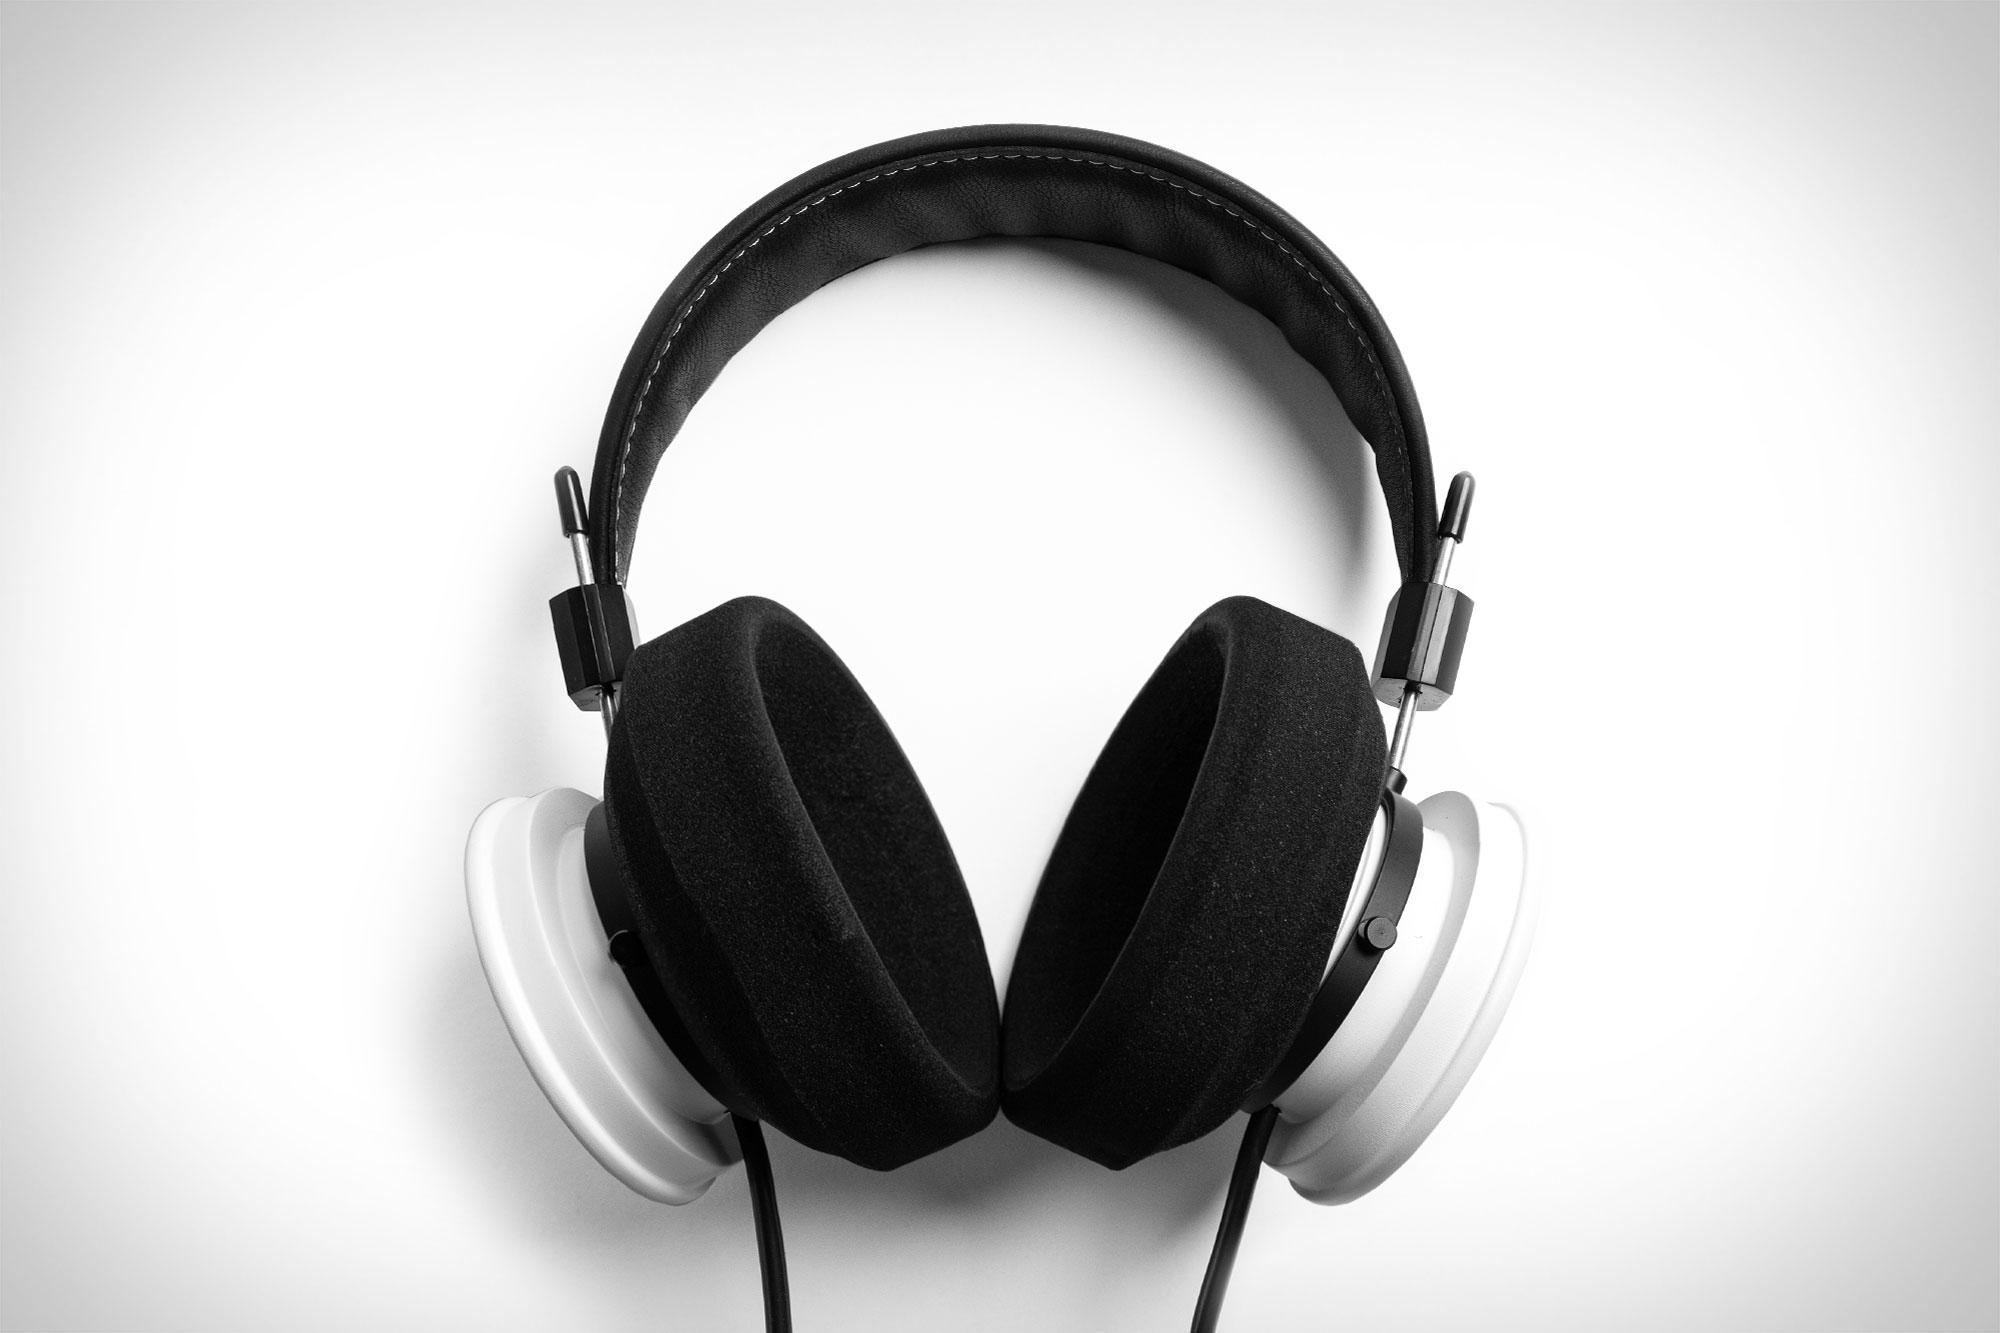 Grado Limited Edition Headphones